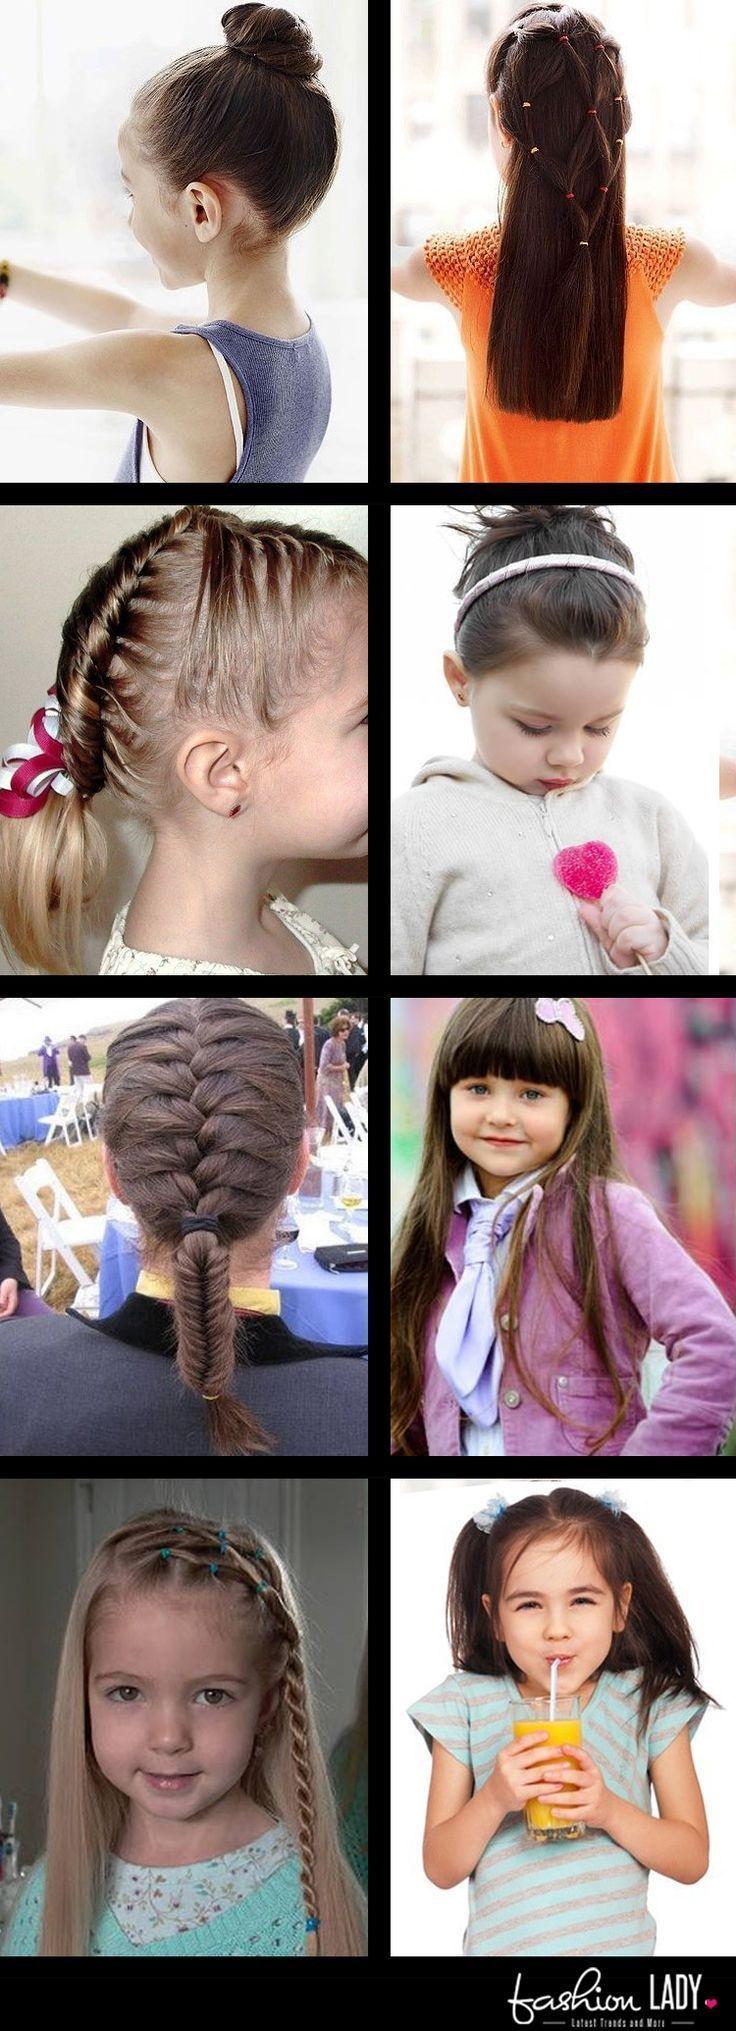 8 superleichte Frisuren für Mädchen - Schritt für Schritt